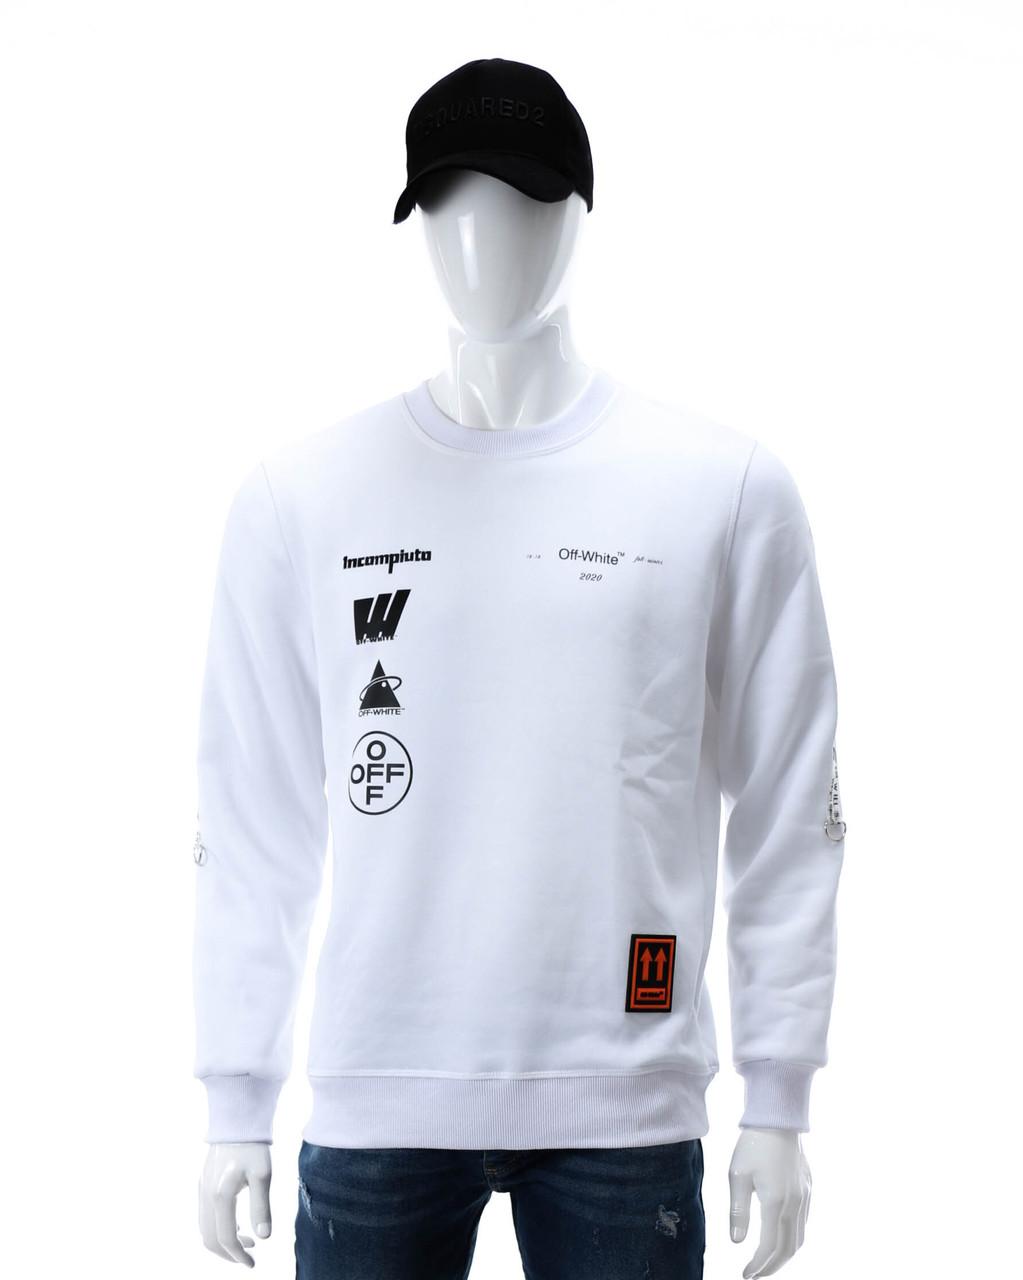 Свитшот осень-зима белый OFF-WHITE №14, лента WHT L(Р) 20-538-003-002